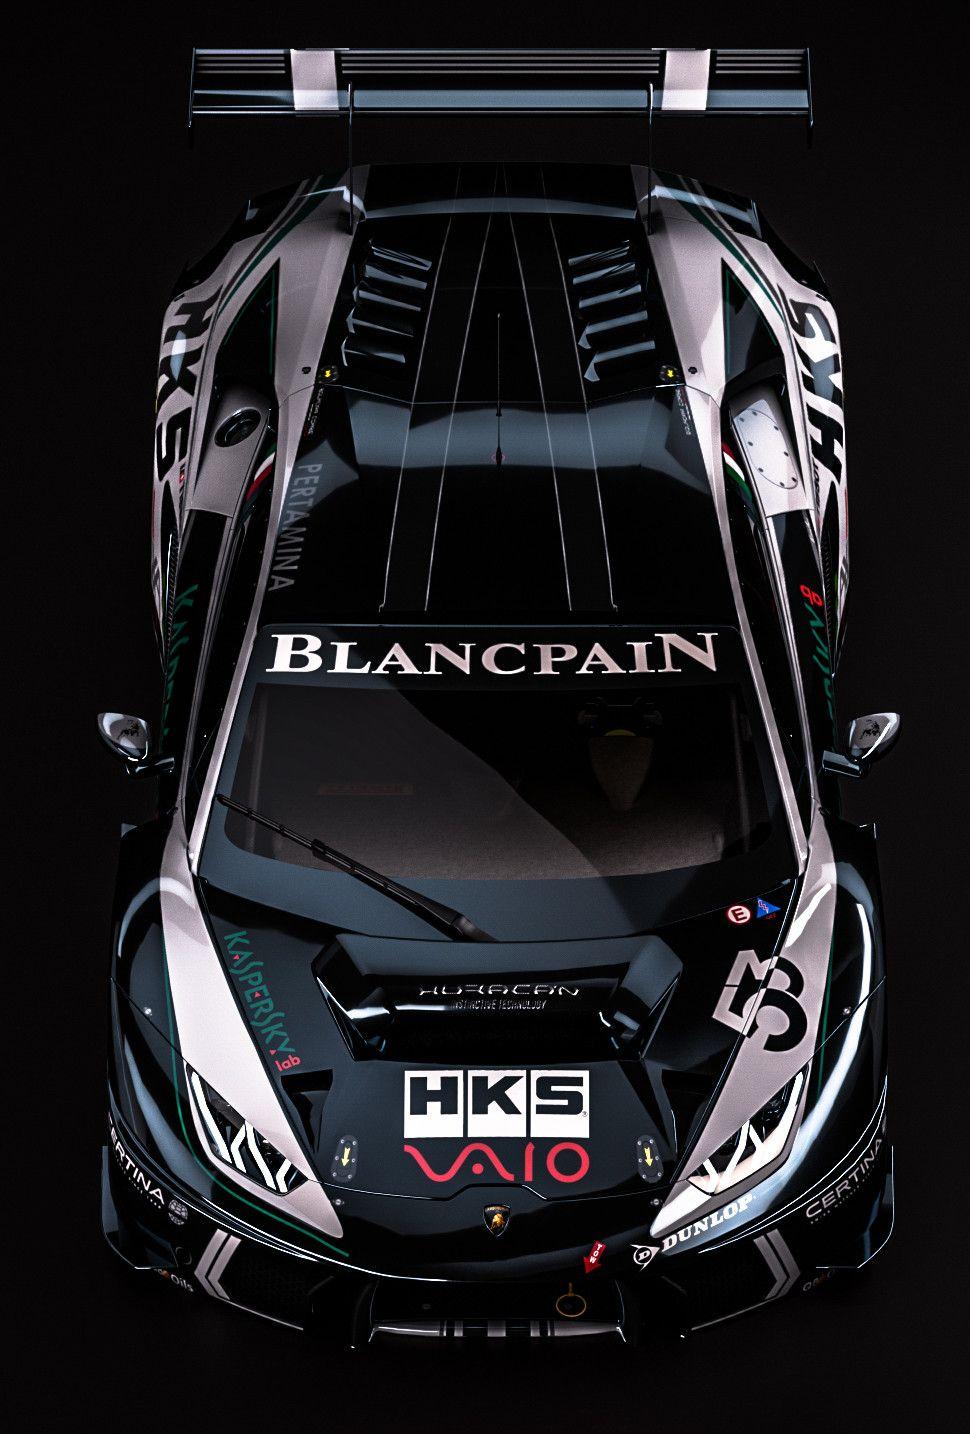 ArtStation   Lamborghini Huracan GT3 Fantasy Kaspersky Livery, Zoki Nanco    Nancorocks